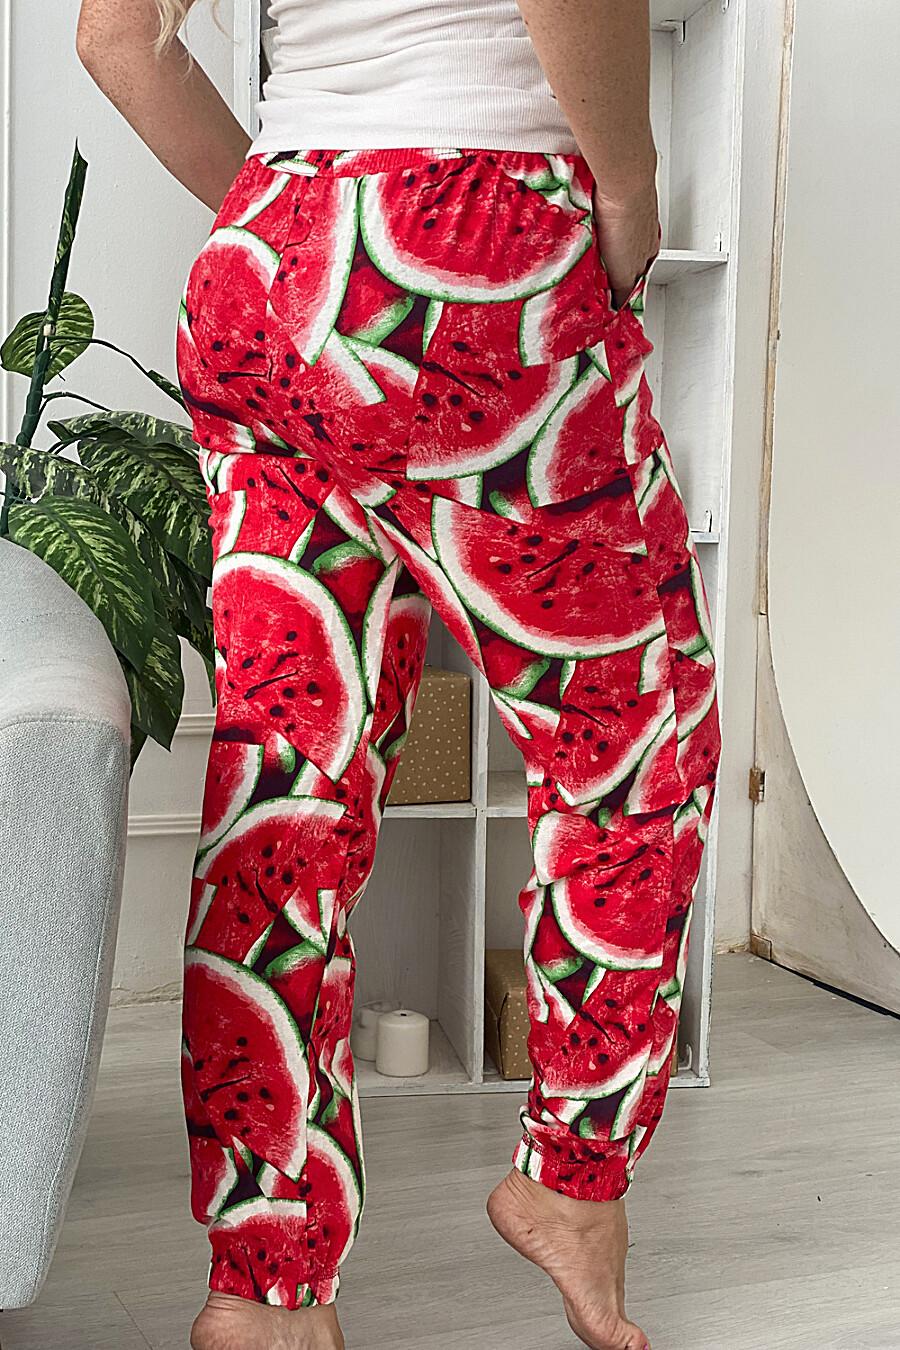 Брюки 9071 для женщин НАТАЛИ 682493 купить оптом от производителя. Совместная покупка женской одежды в OptMoyo